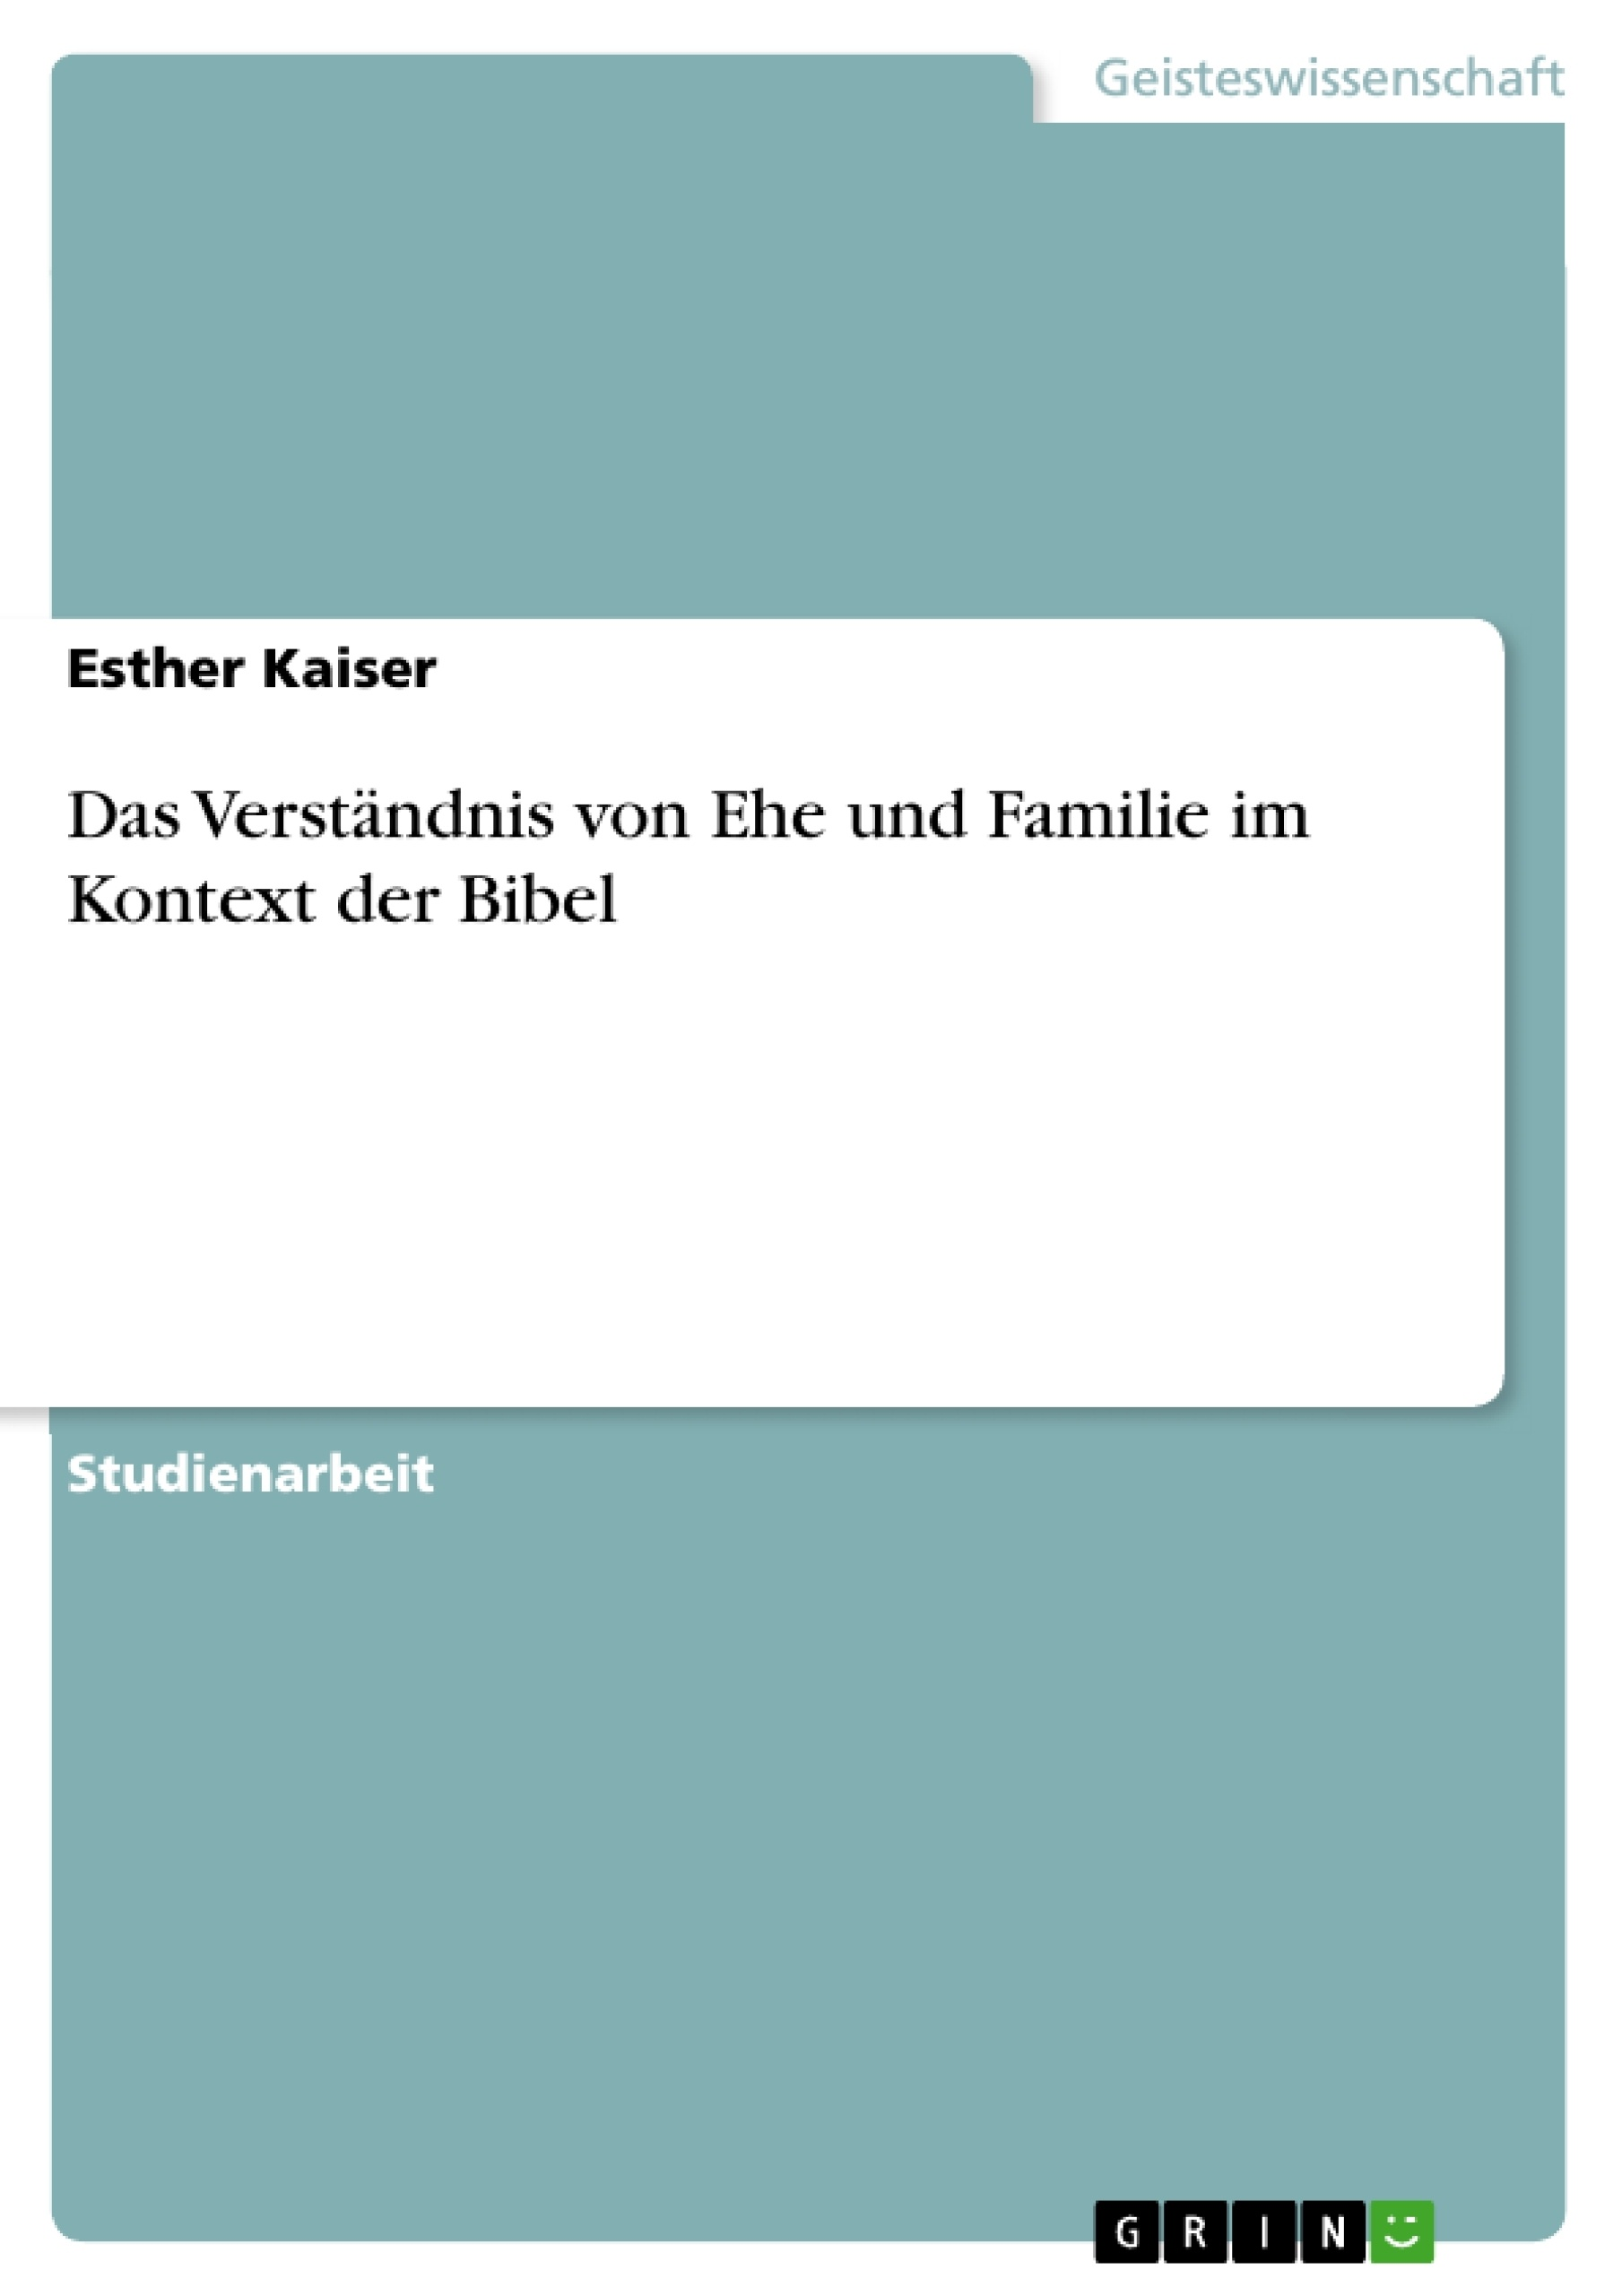 Titel: Das Verständnis von Ehe und   Familie im Kontext der Bibel